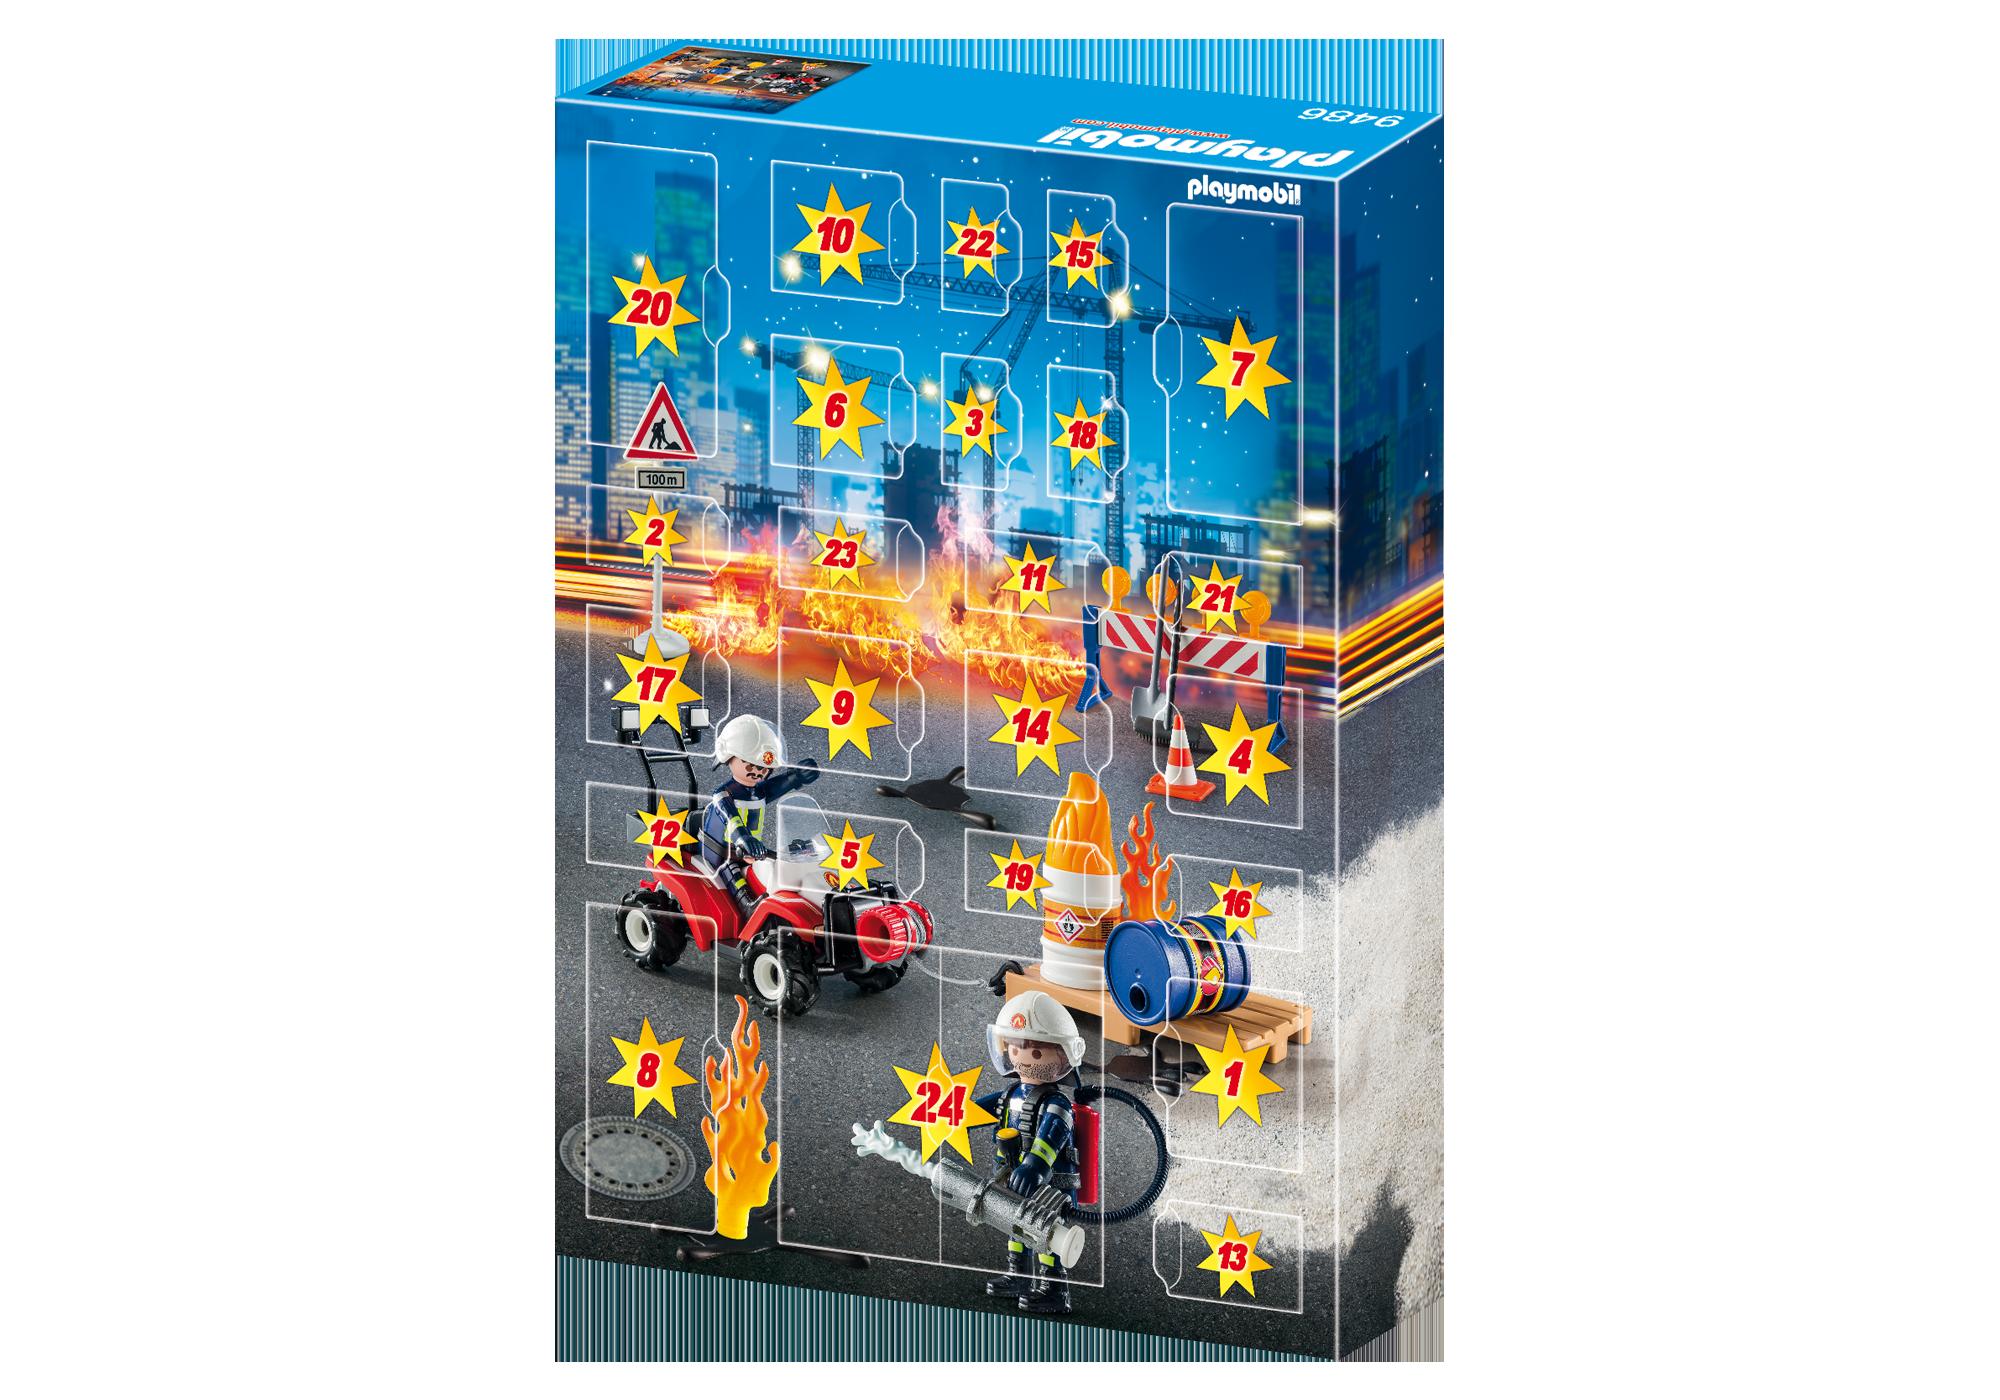 http://media.playmobil.com/i/playmobil/9486_product_extra2/Advent Calendar - Construction Site Fire Rescue